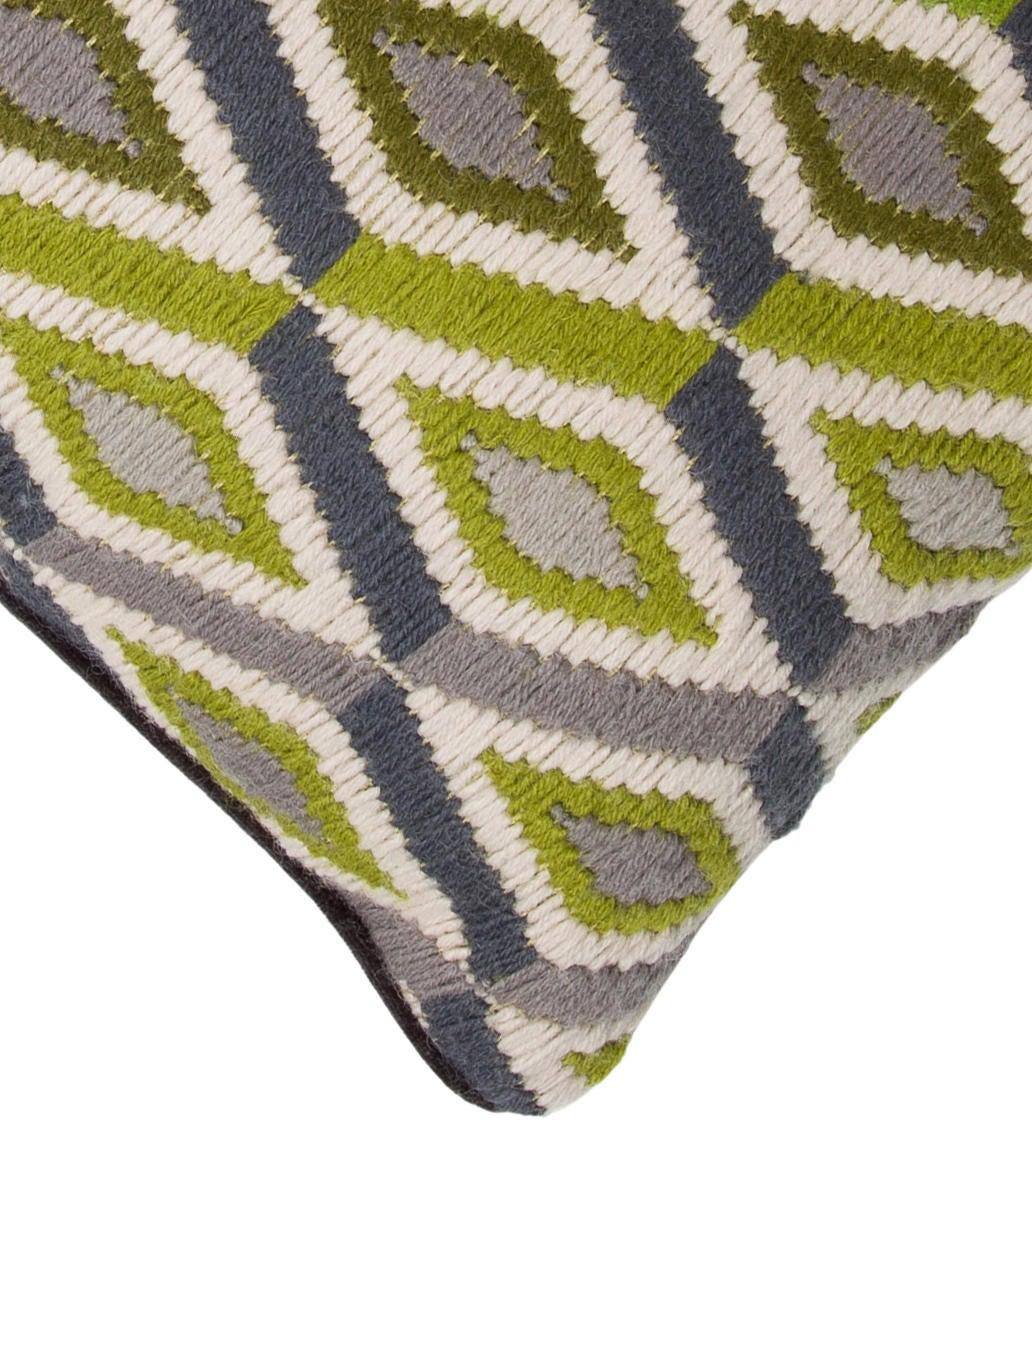 Ikat Design Throw Pillows : Jonathan Adler Ikat Throw Pillow - Bedding And Bath - JTADL20750 The RealReal